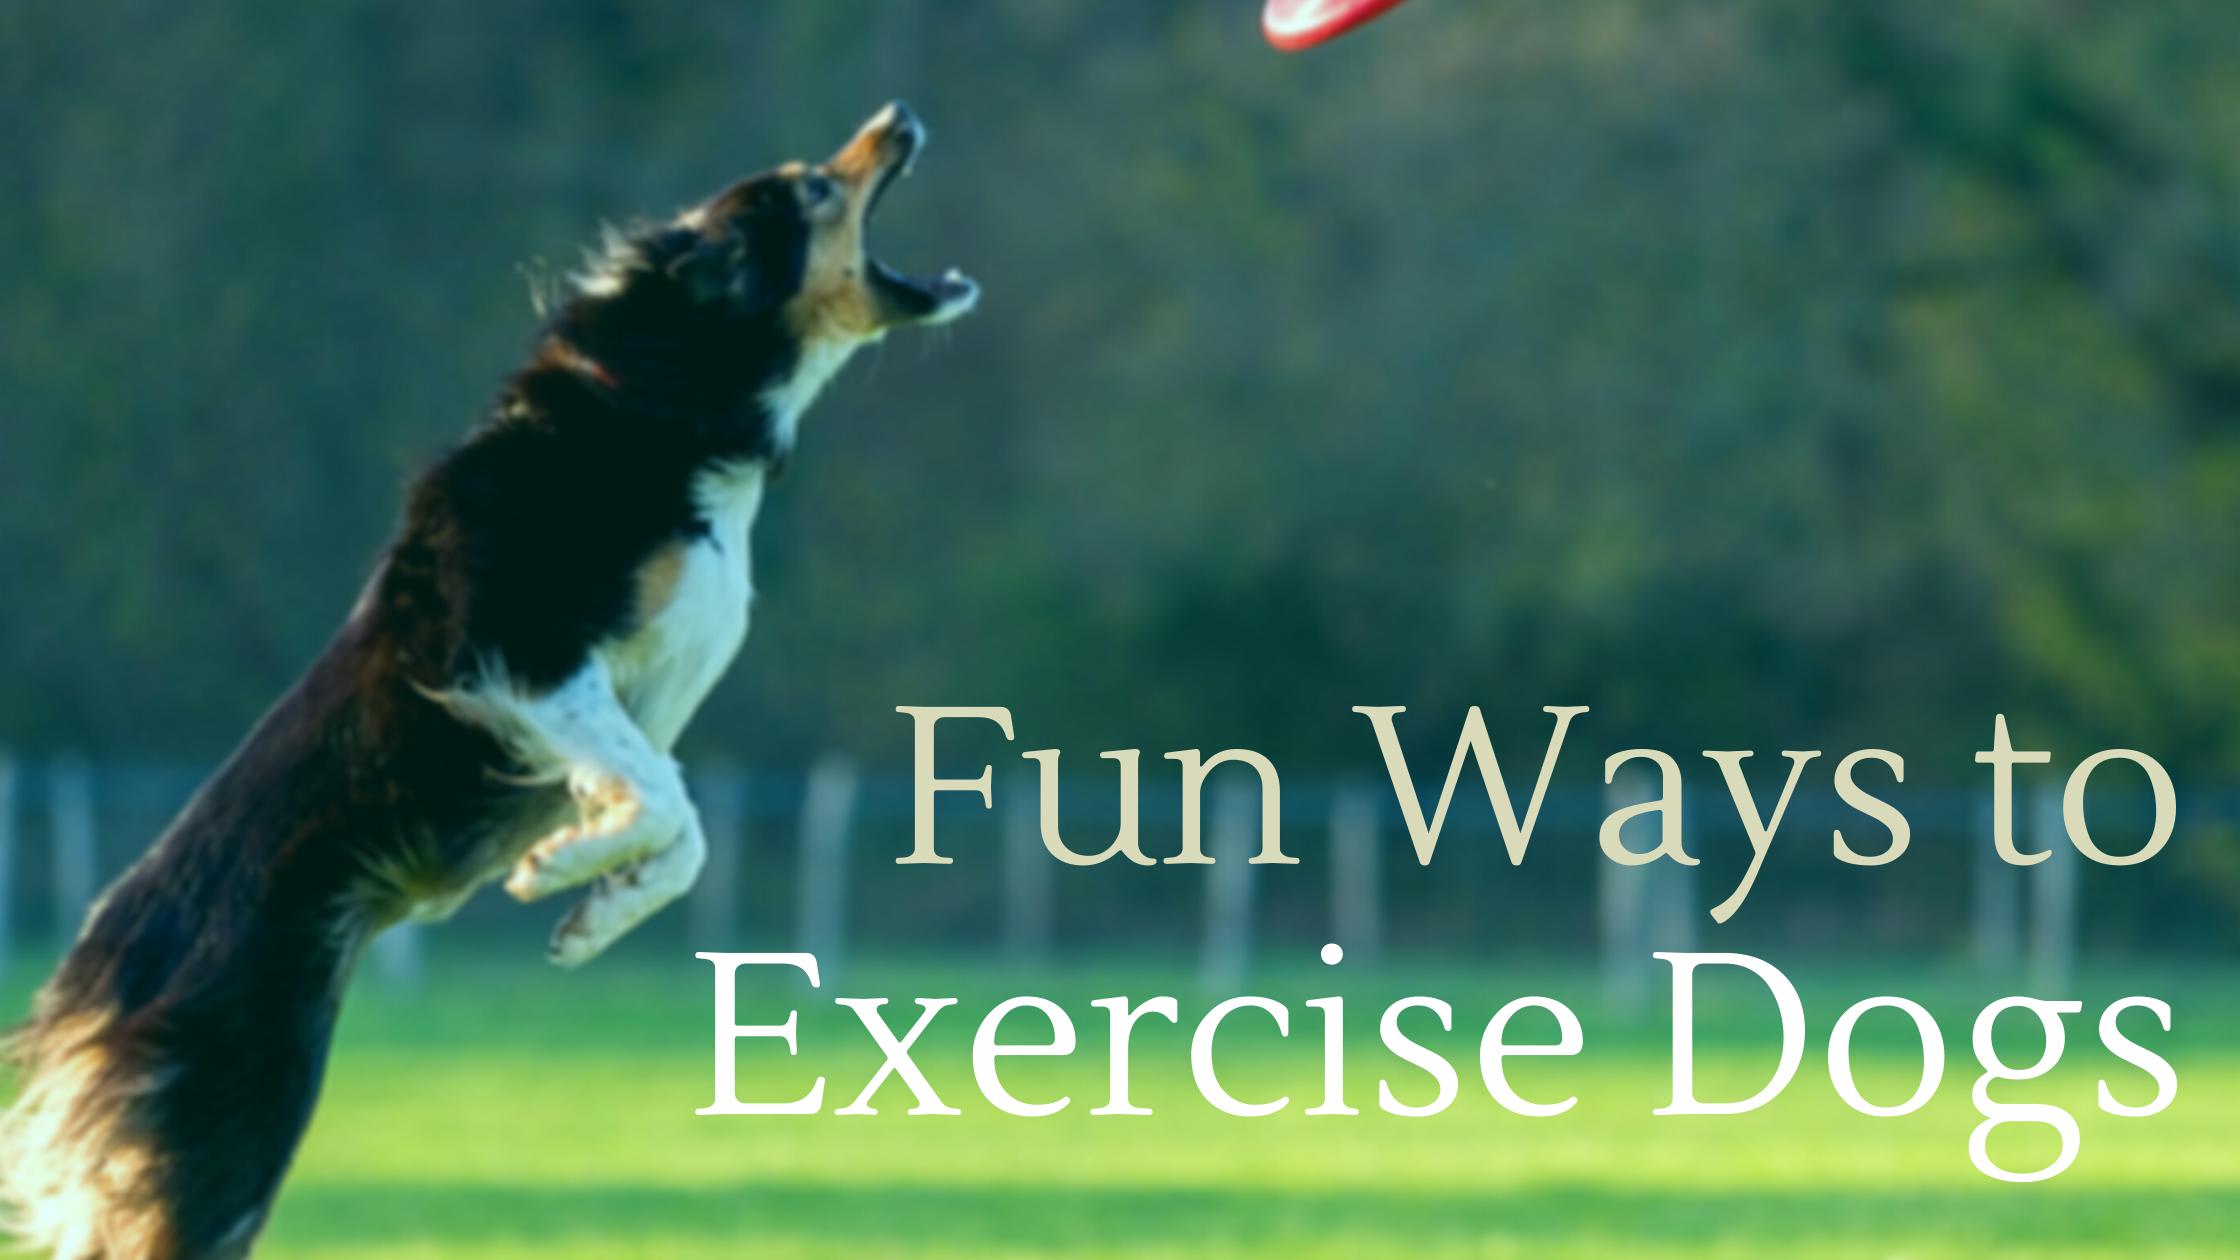 Exercise Dogs - Indoor Outdoor Adventurous Activities